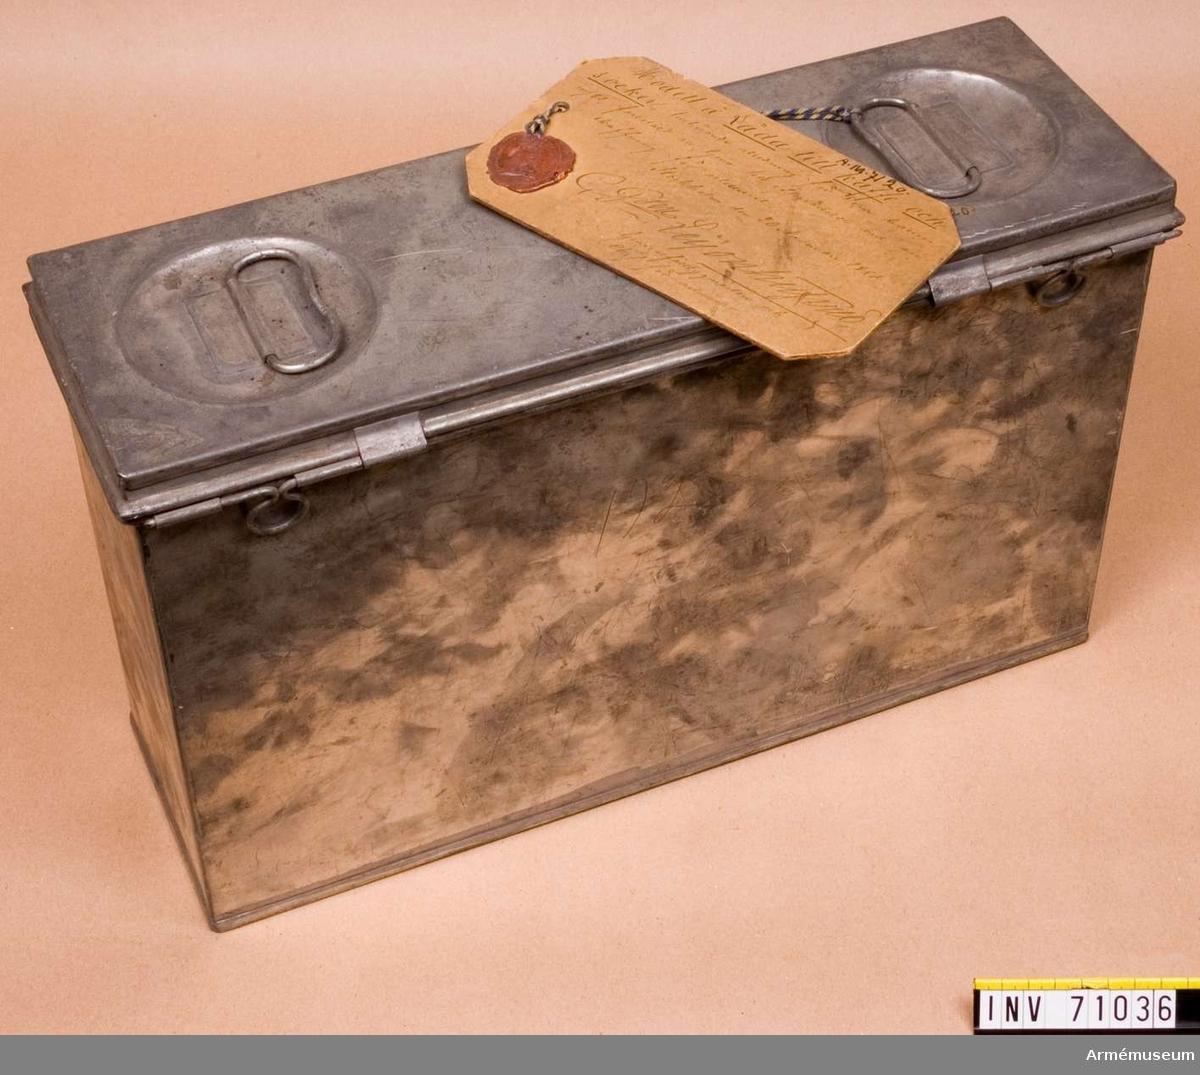 """Grupp C II.   Modellapp: """"Modell å Låda till kaffe och socker, tillhörande utredning för 8 cm batteri m/1881, faststäld att tjena till efterrättelse  vid anskaffning för artilleriet. Stockholm den 20 November 1881 C, Gson, Leionhufvud Generalfälltygmästare och Chef för Artilleriet"""""""